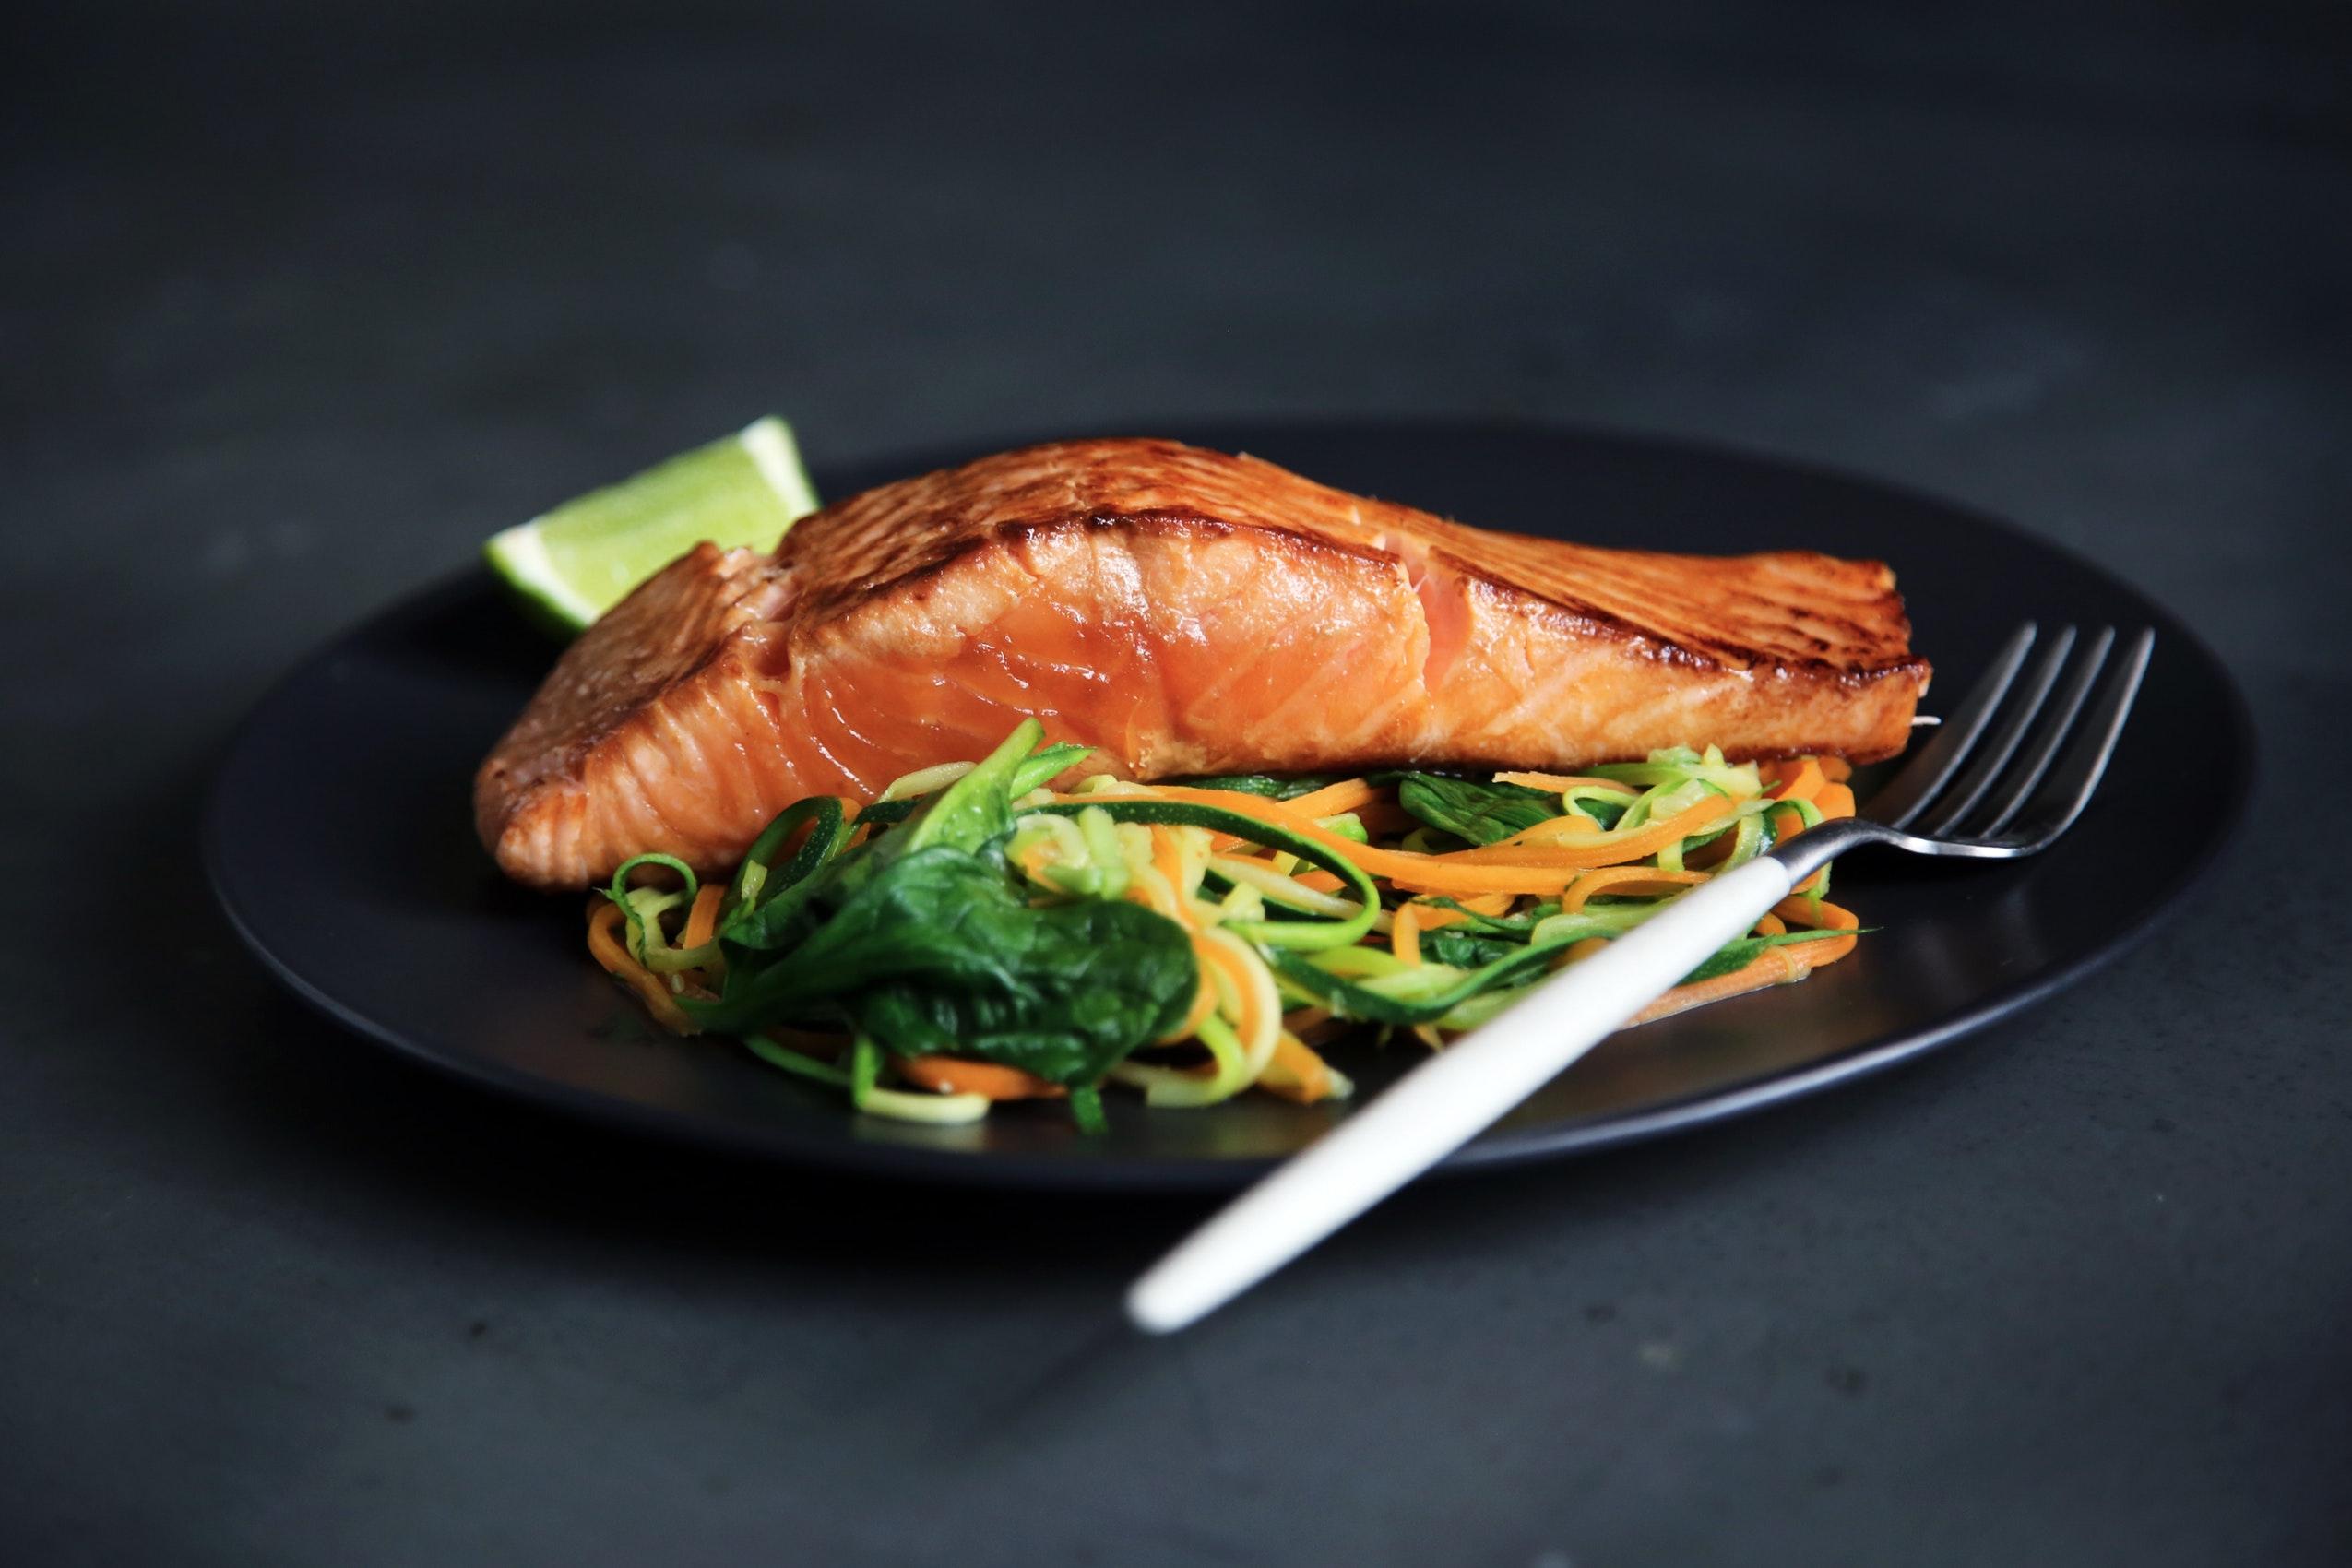 måltidskasse med fisk